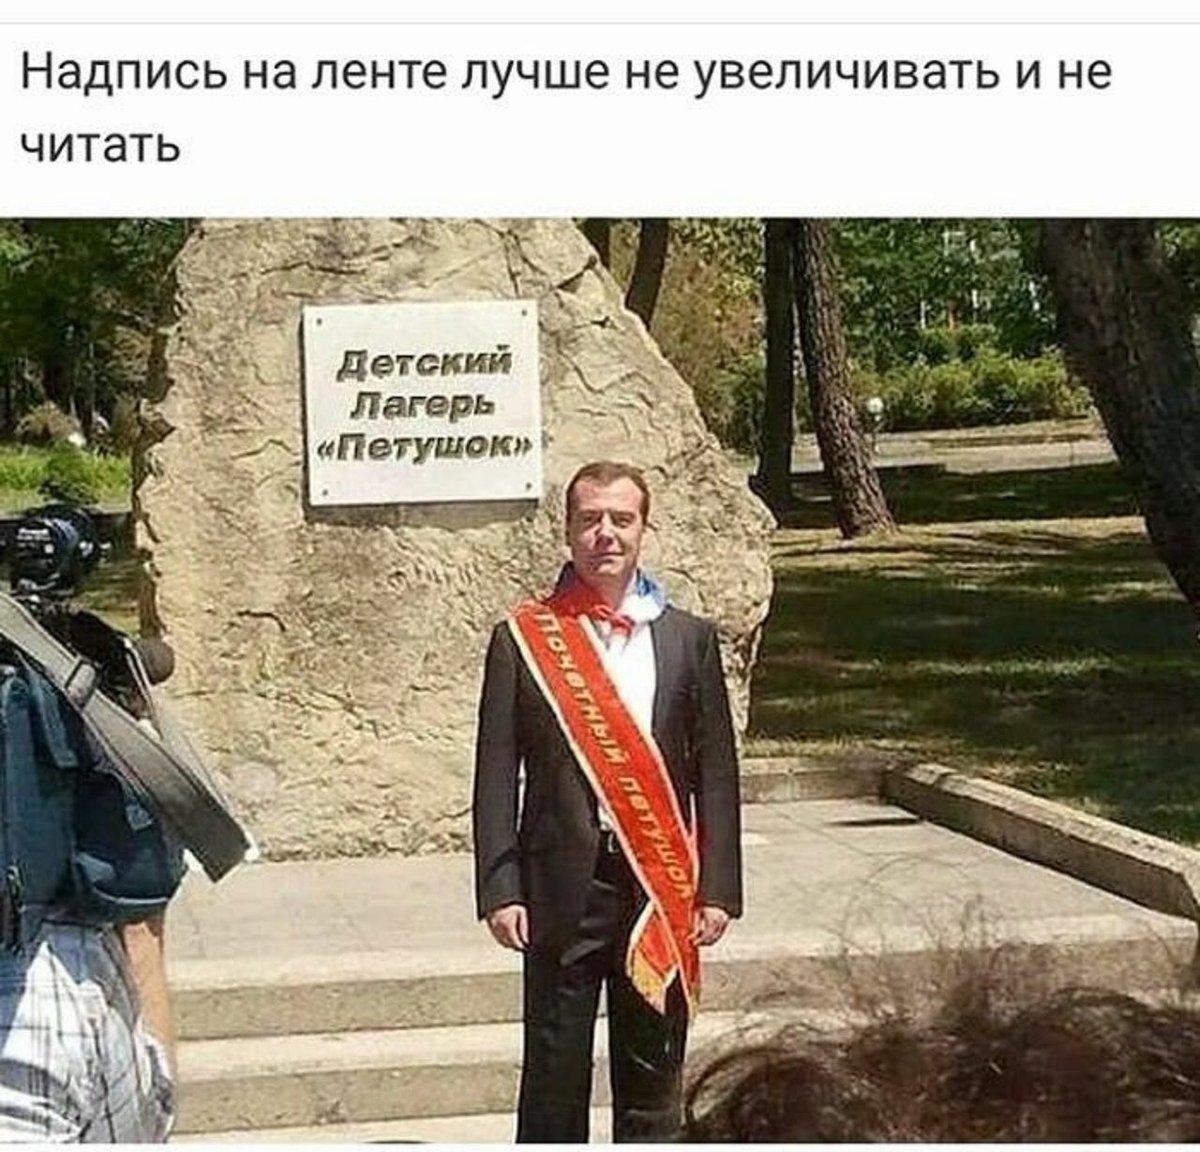 Фейк про звільнення Сенцова може виходити від працівників колонії, - Денісова - Цензор.НЕТ 4210